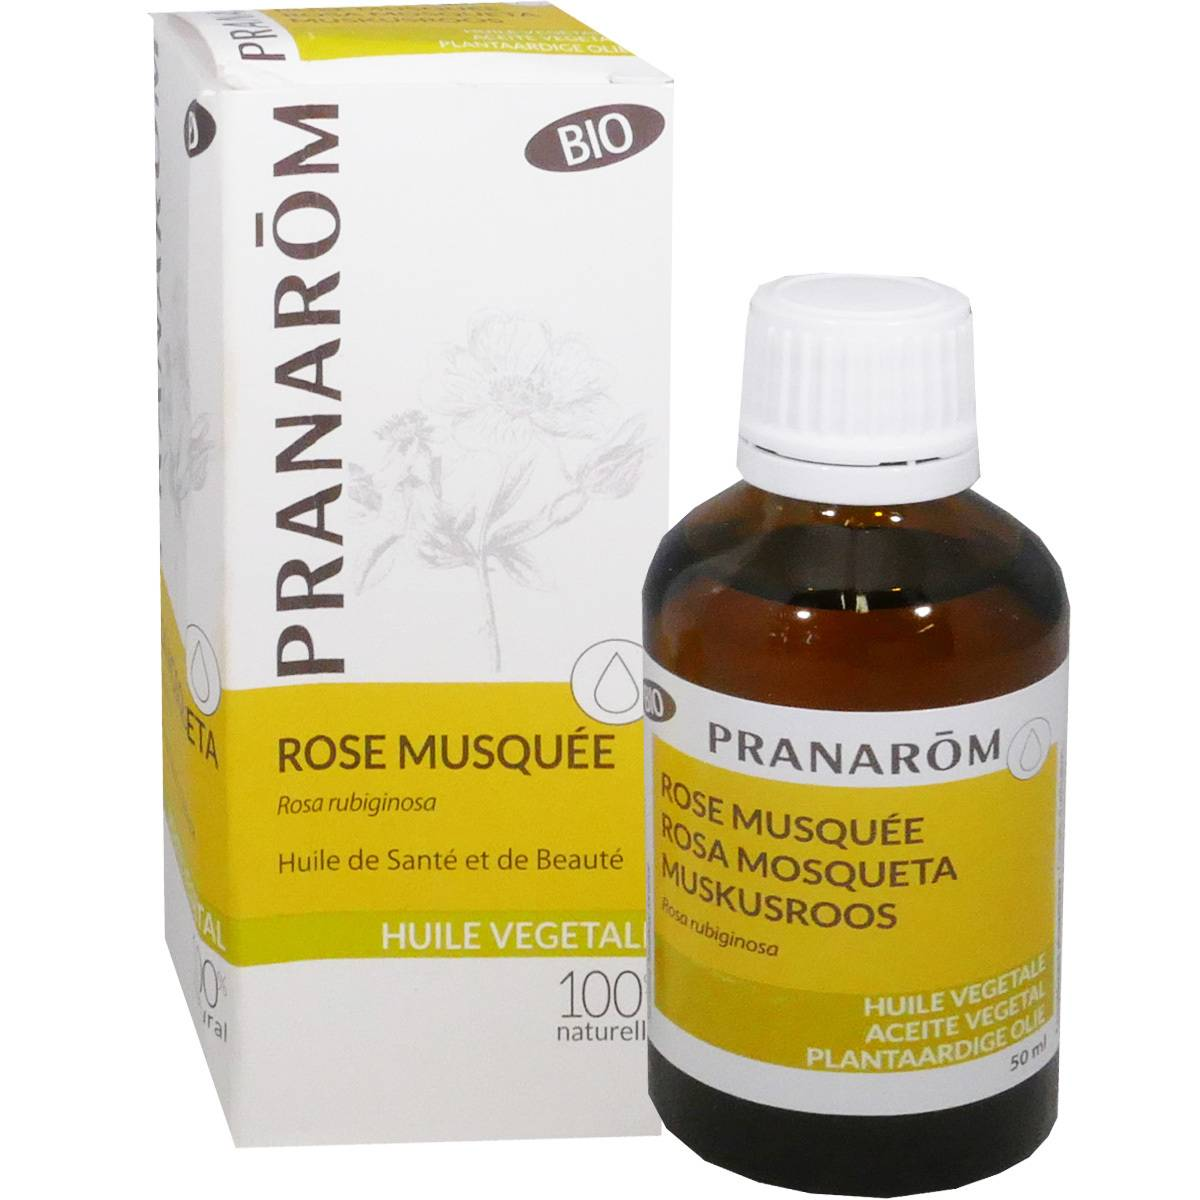 Pranarom rose musquee 50 ml huile sante et beaute